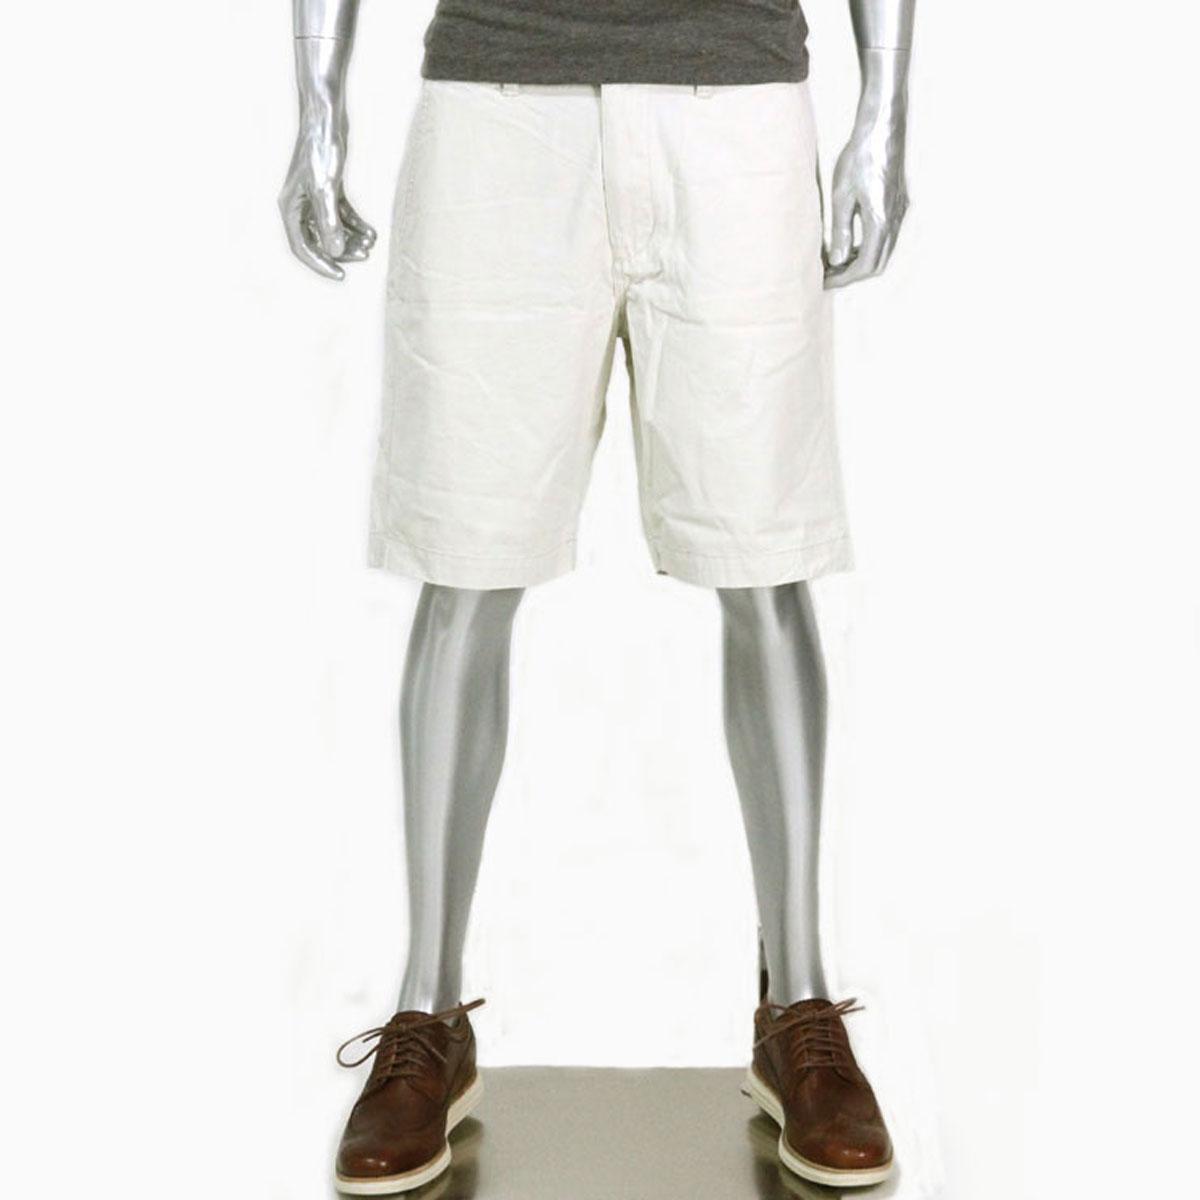 AMERICAN EAGLE アメリカンイーグル 正規品 メンズ ショートパンツ AEO 10 inseam CLASSIC SHORT 0522-4040